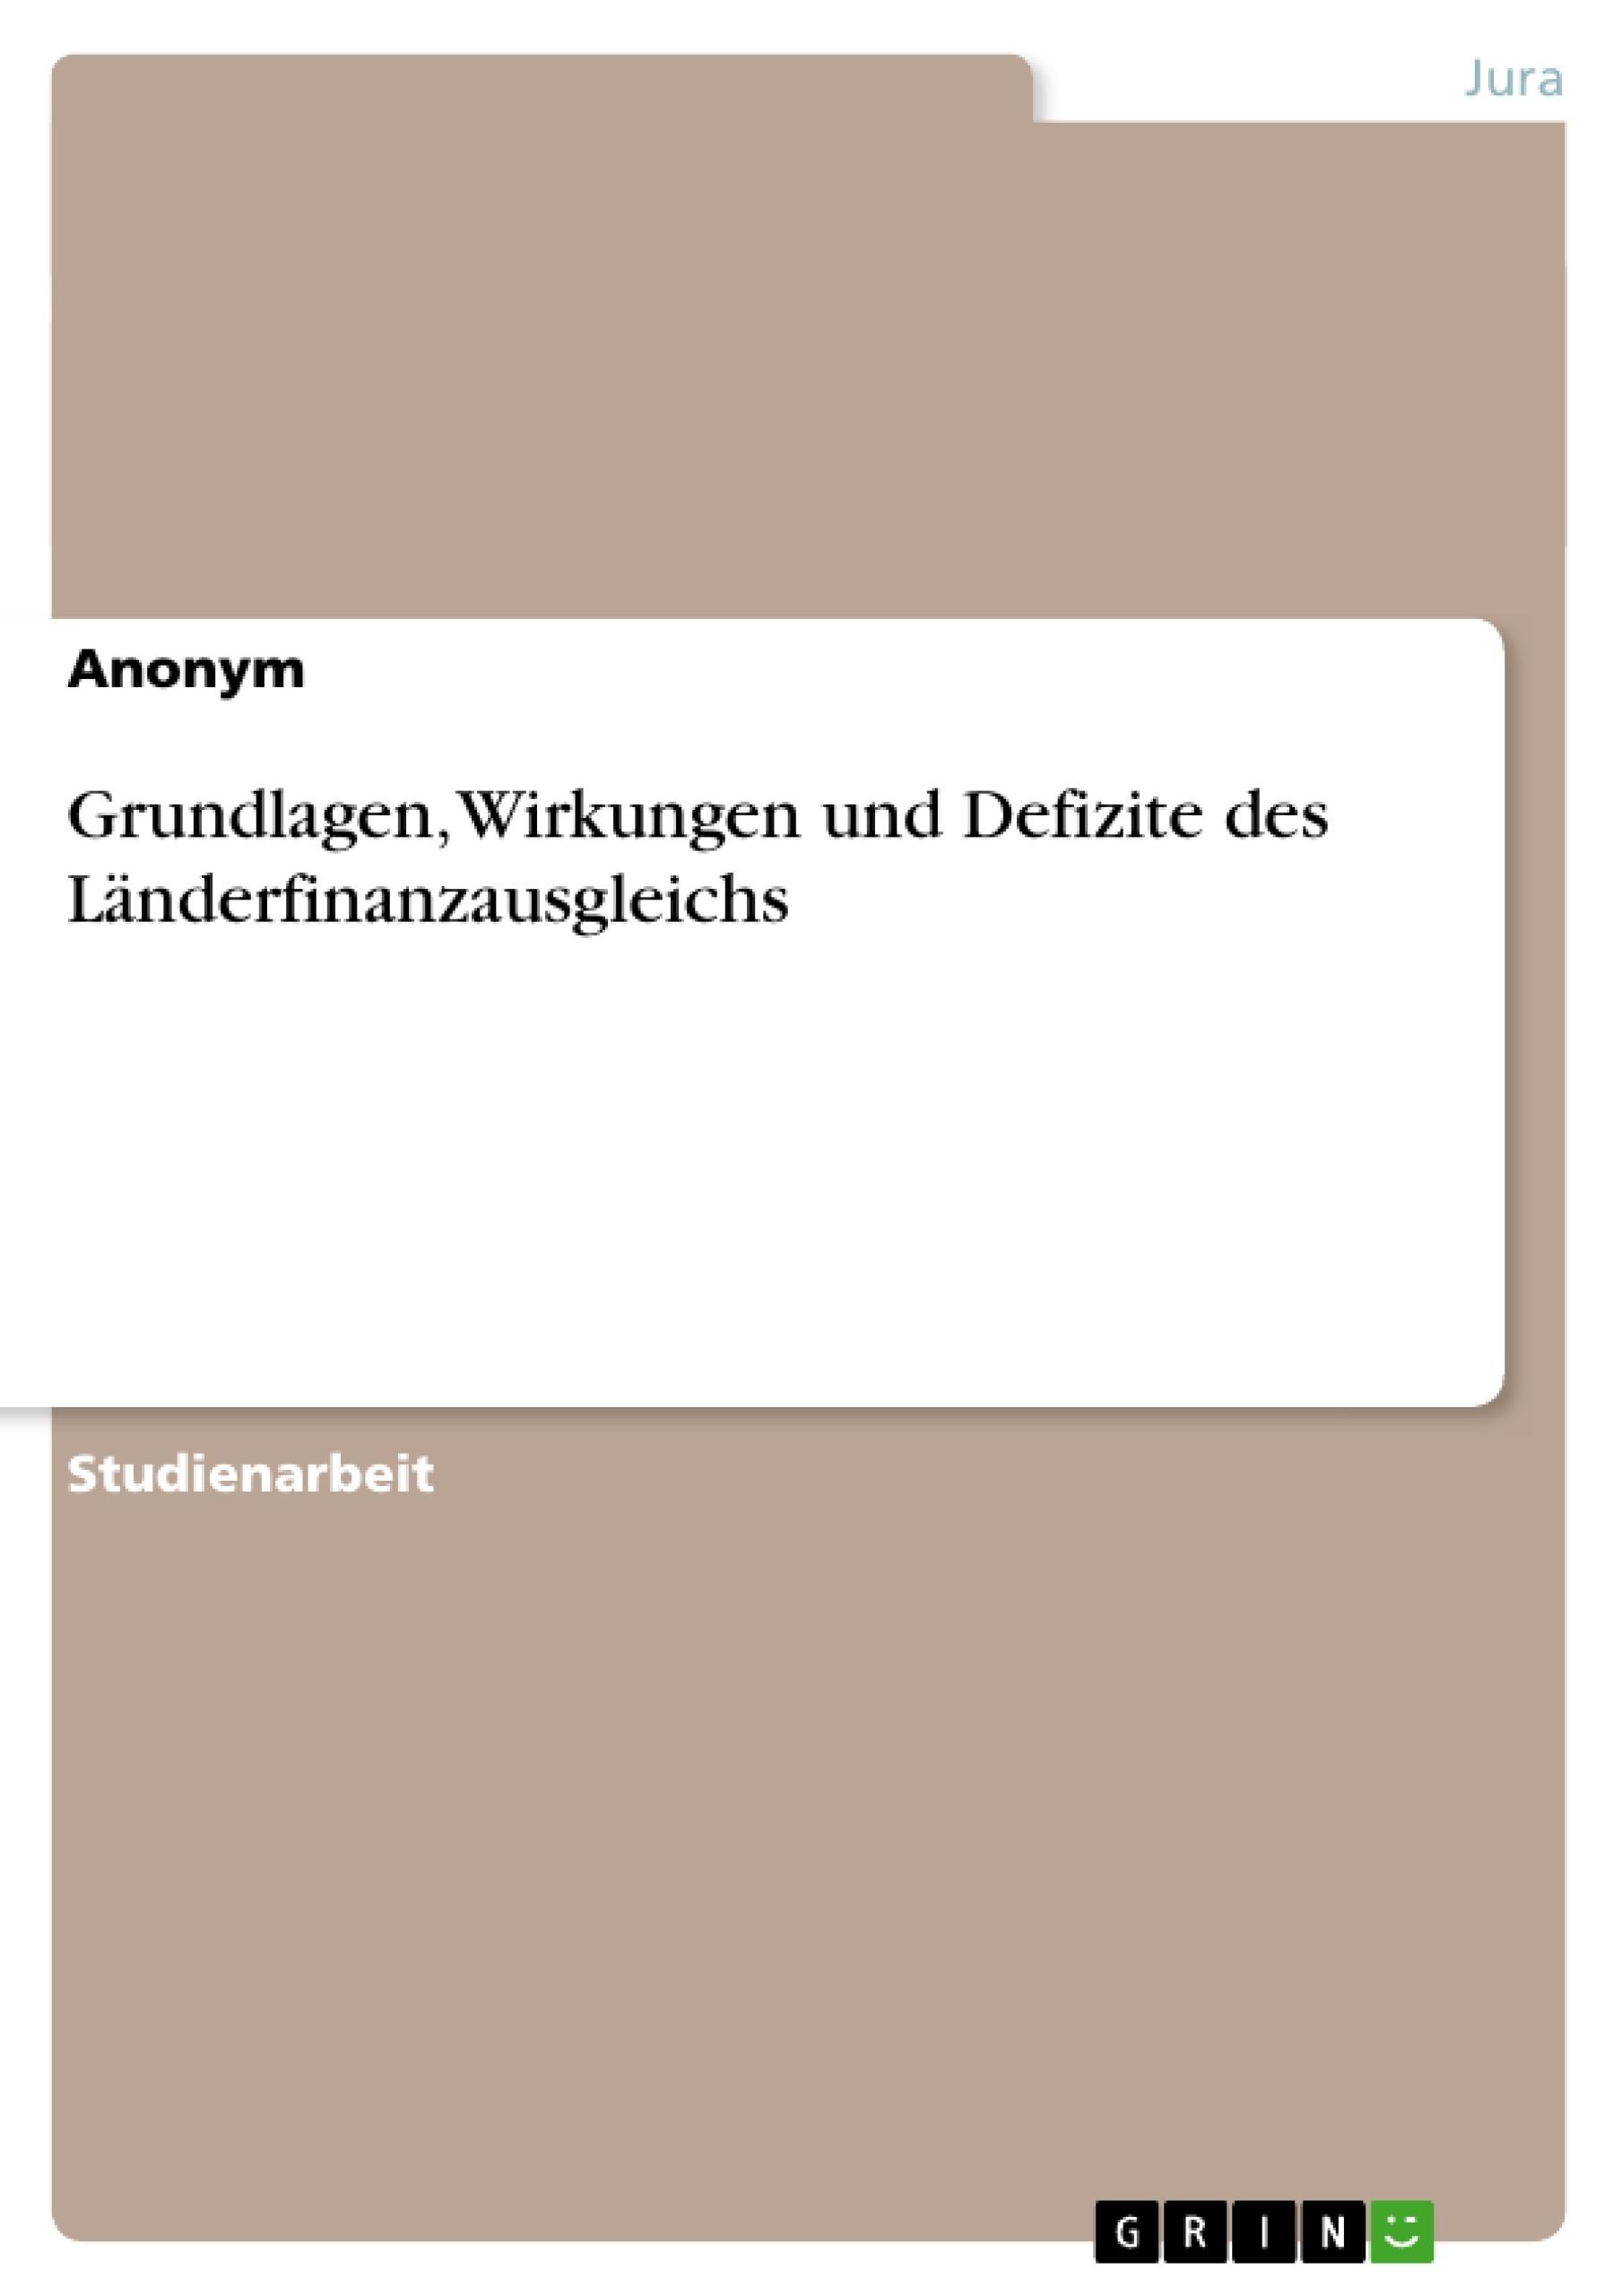 Titel: Grundlagen, Wirkungen und Defizite des Länderfinanzausgleichs